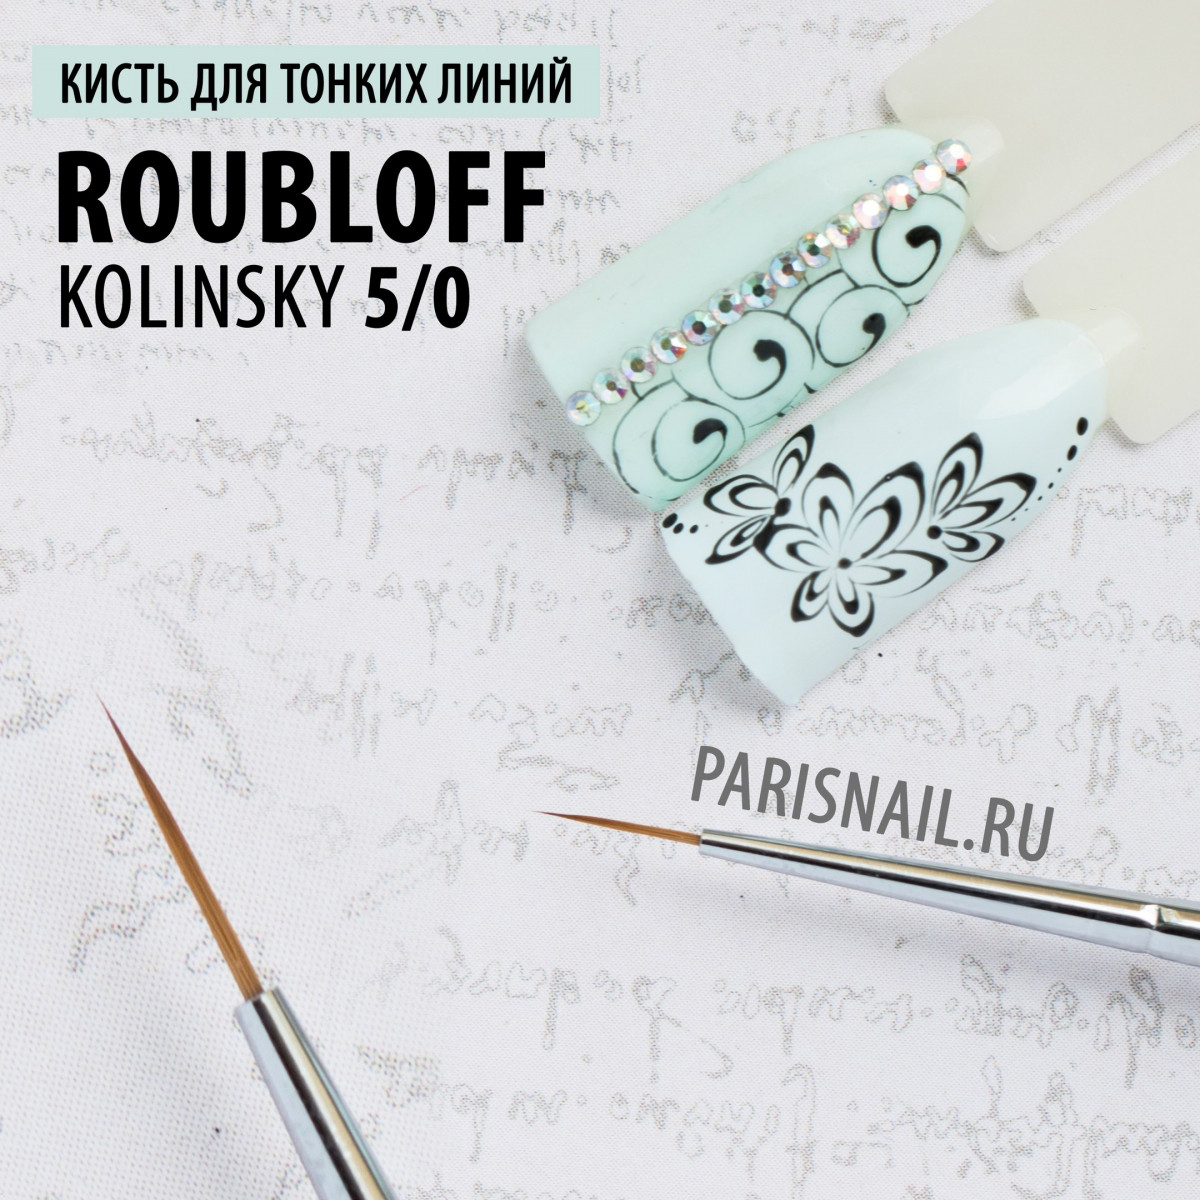 Кисть круглая колонок  № 5/0 серия DК13R Roubloff